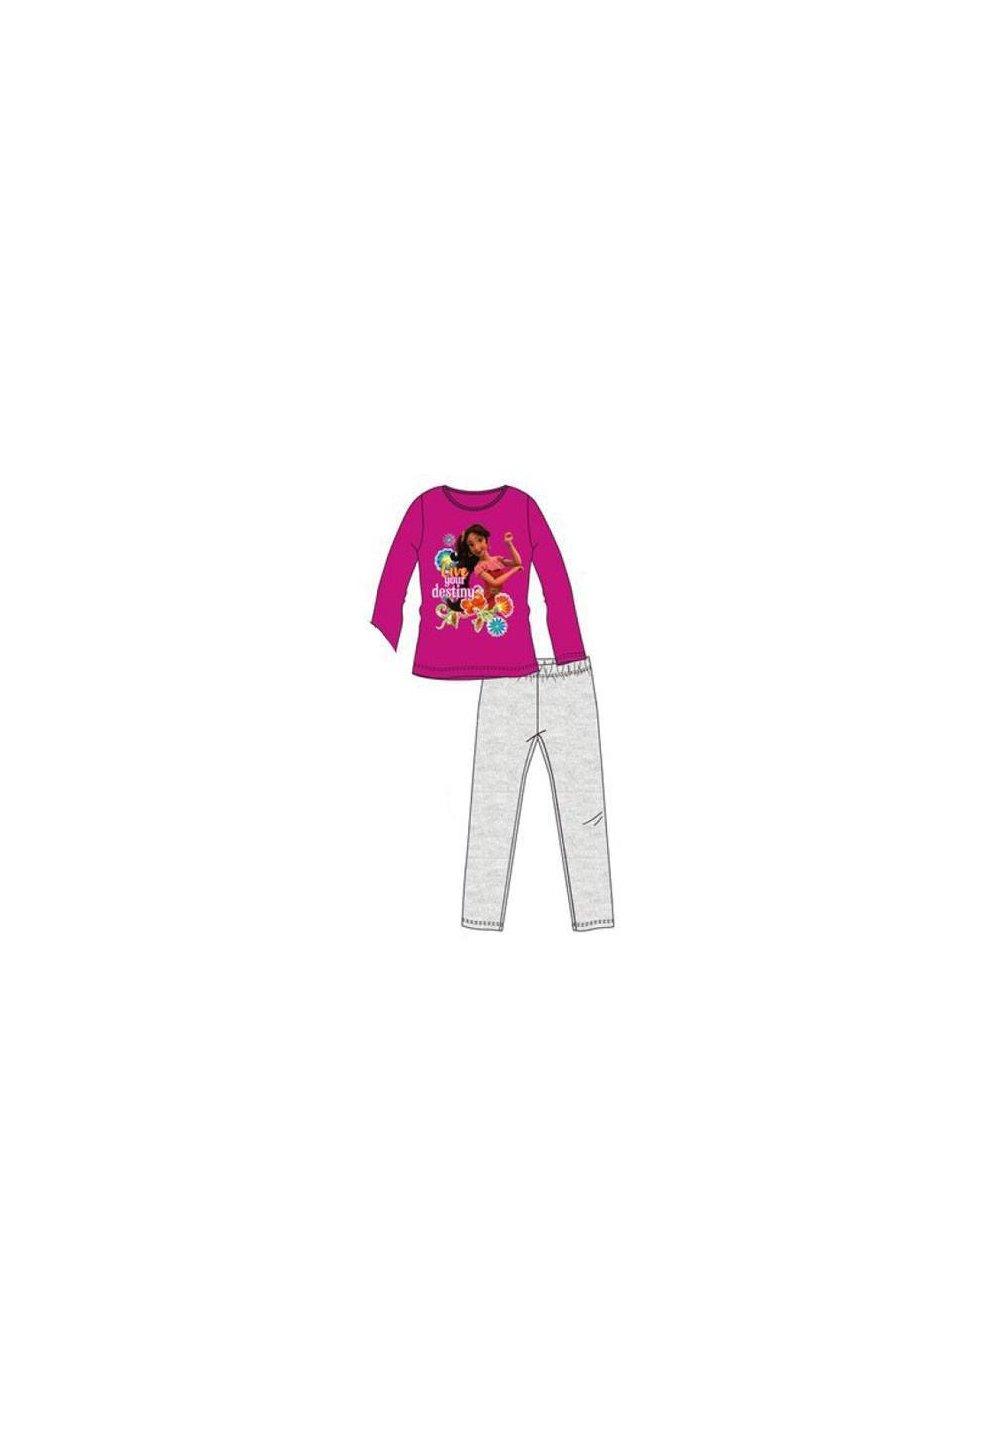 Pijama, roz inchis, Live your destiny imagine